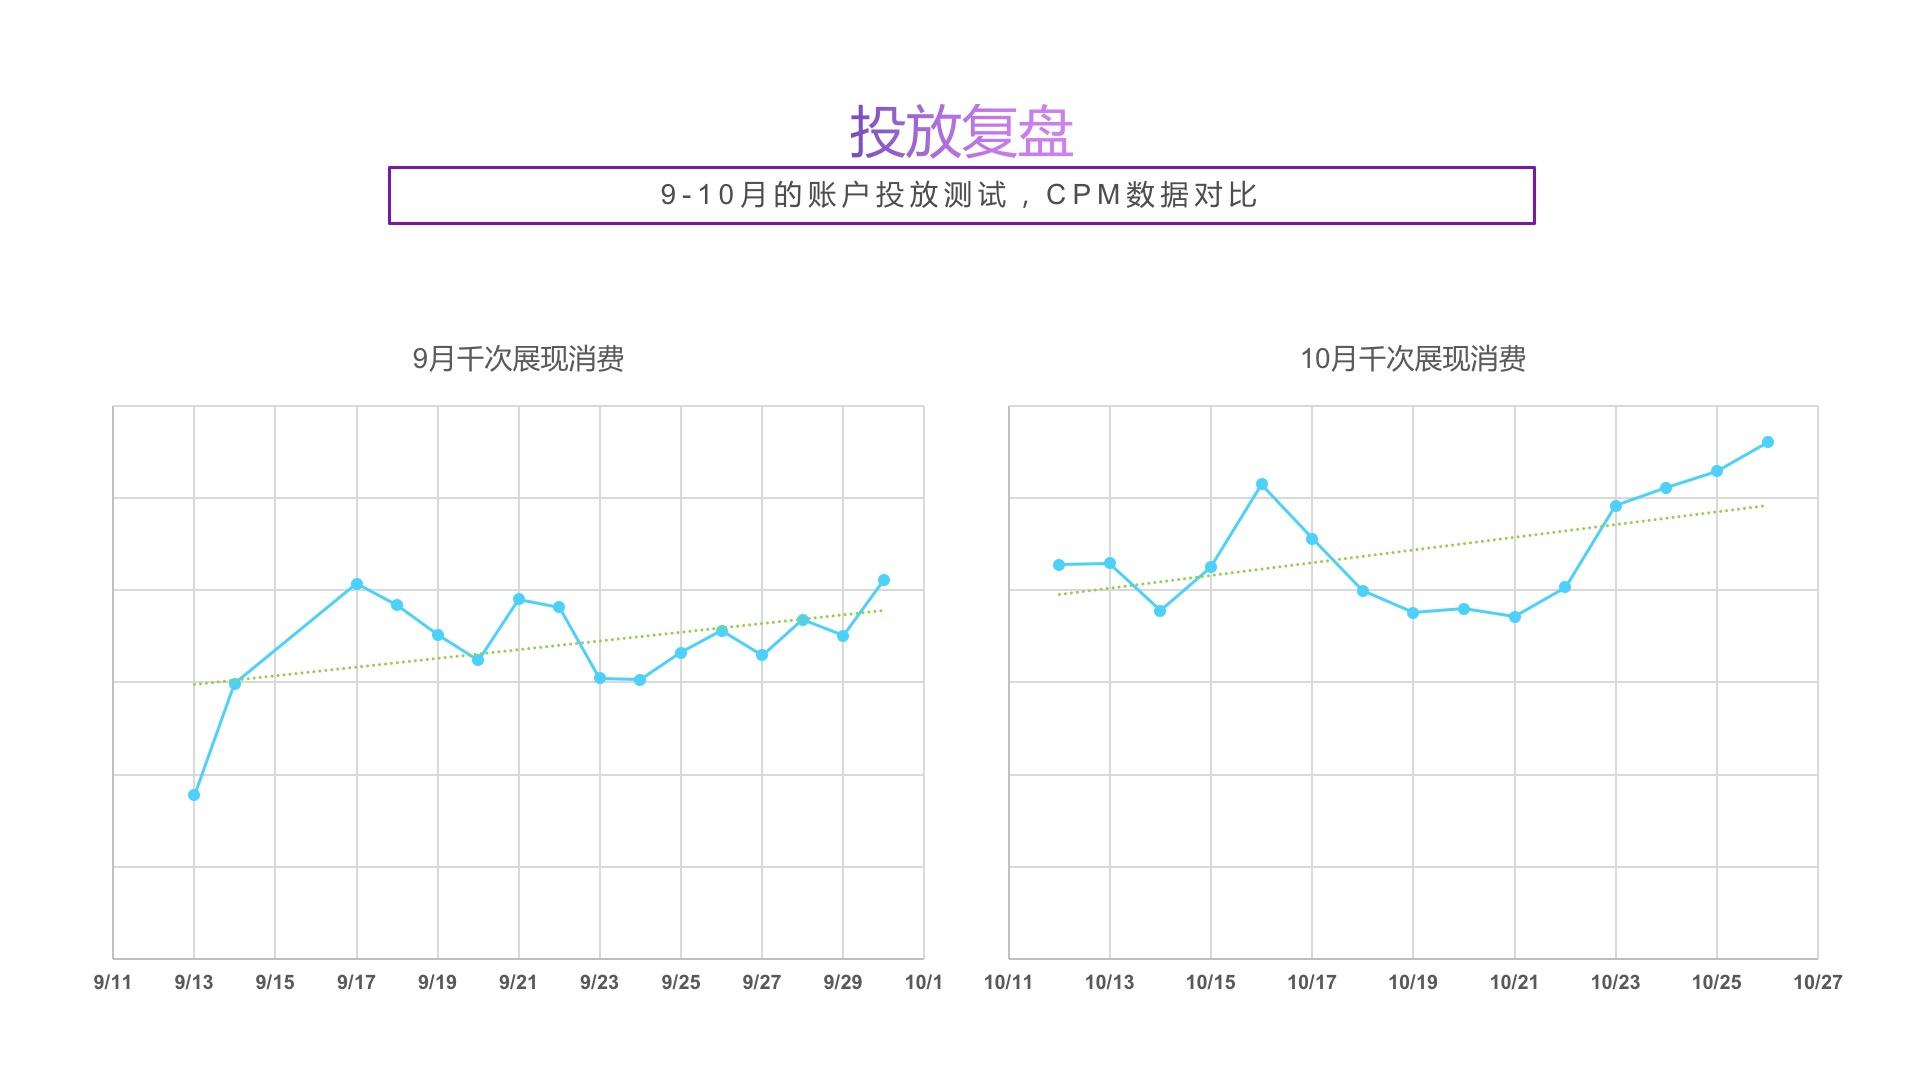 【脱敏版】百享参赛案例-保险-魏祯.jpg